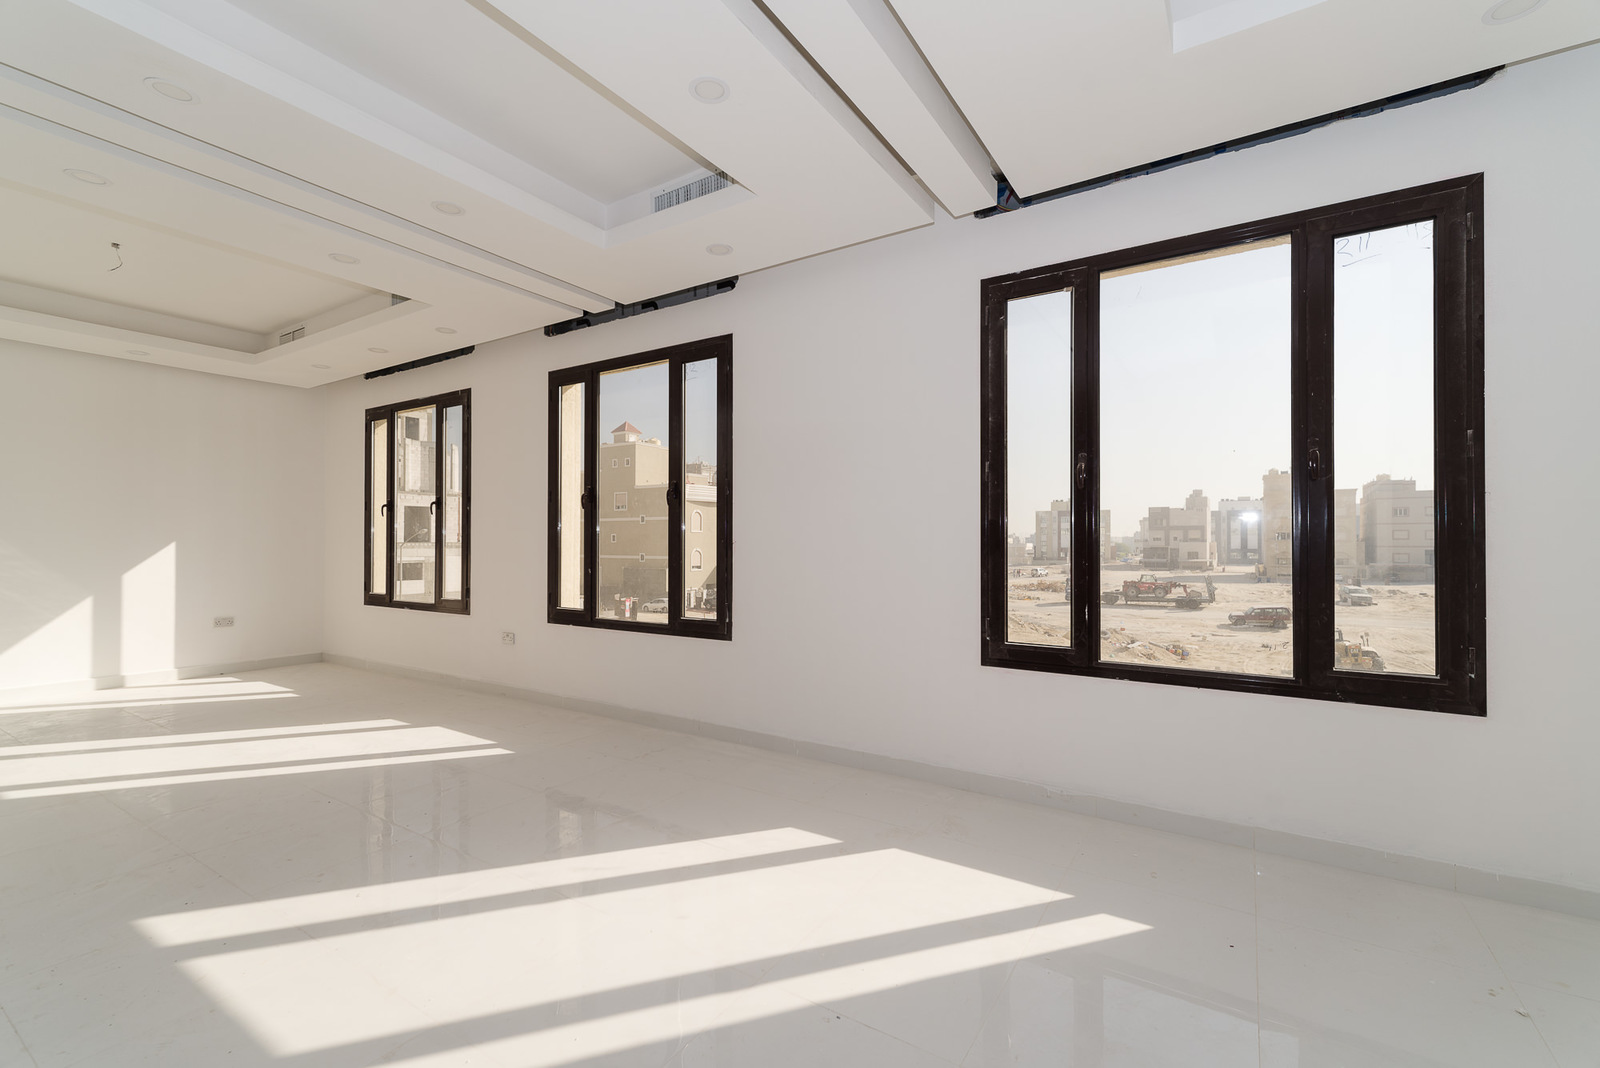 Fnaitees -spacious, unfurnished, four bedroom floors